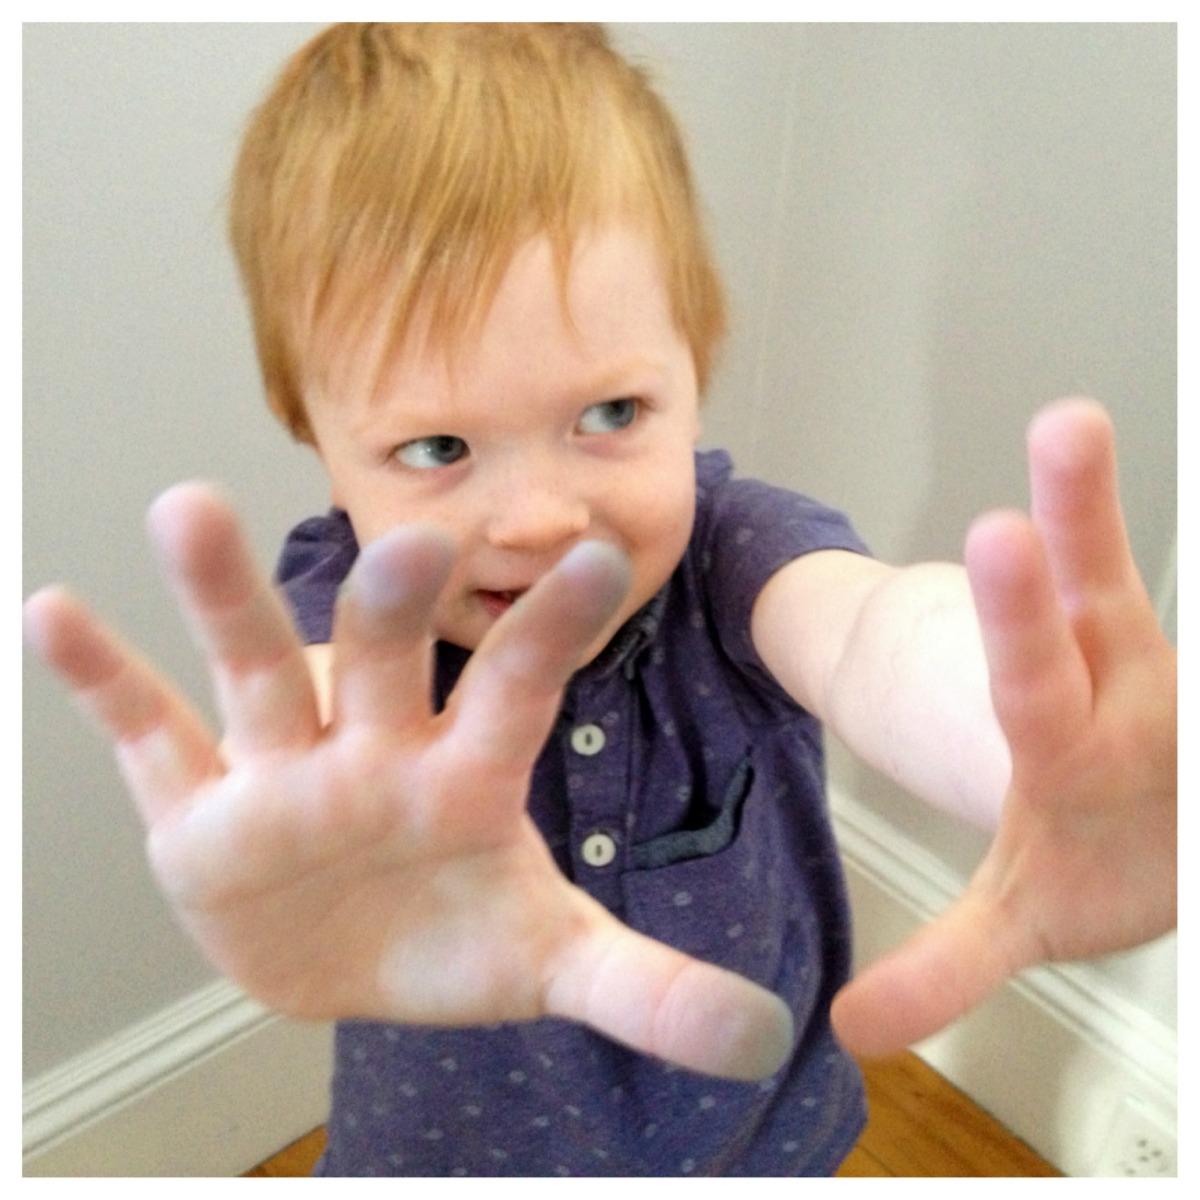 8. Blue Hands